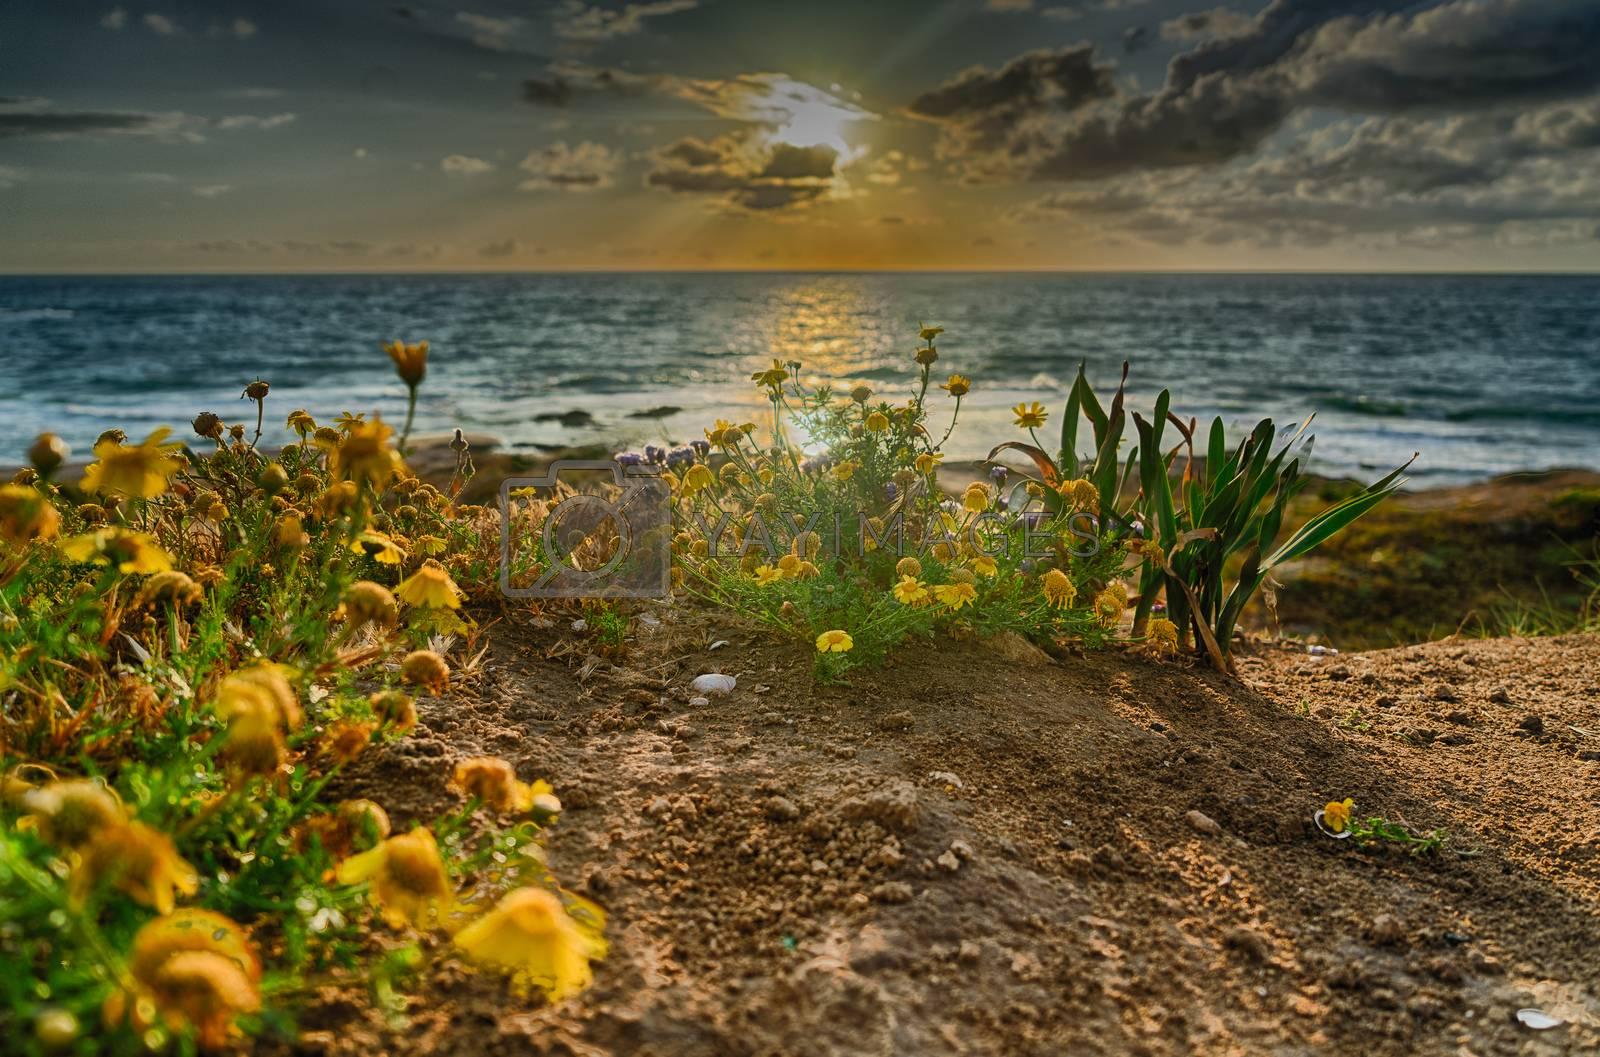 Romantic sunset on sea coast of mediterranean vacation